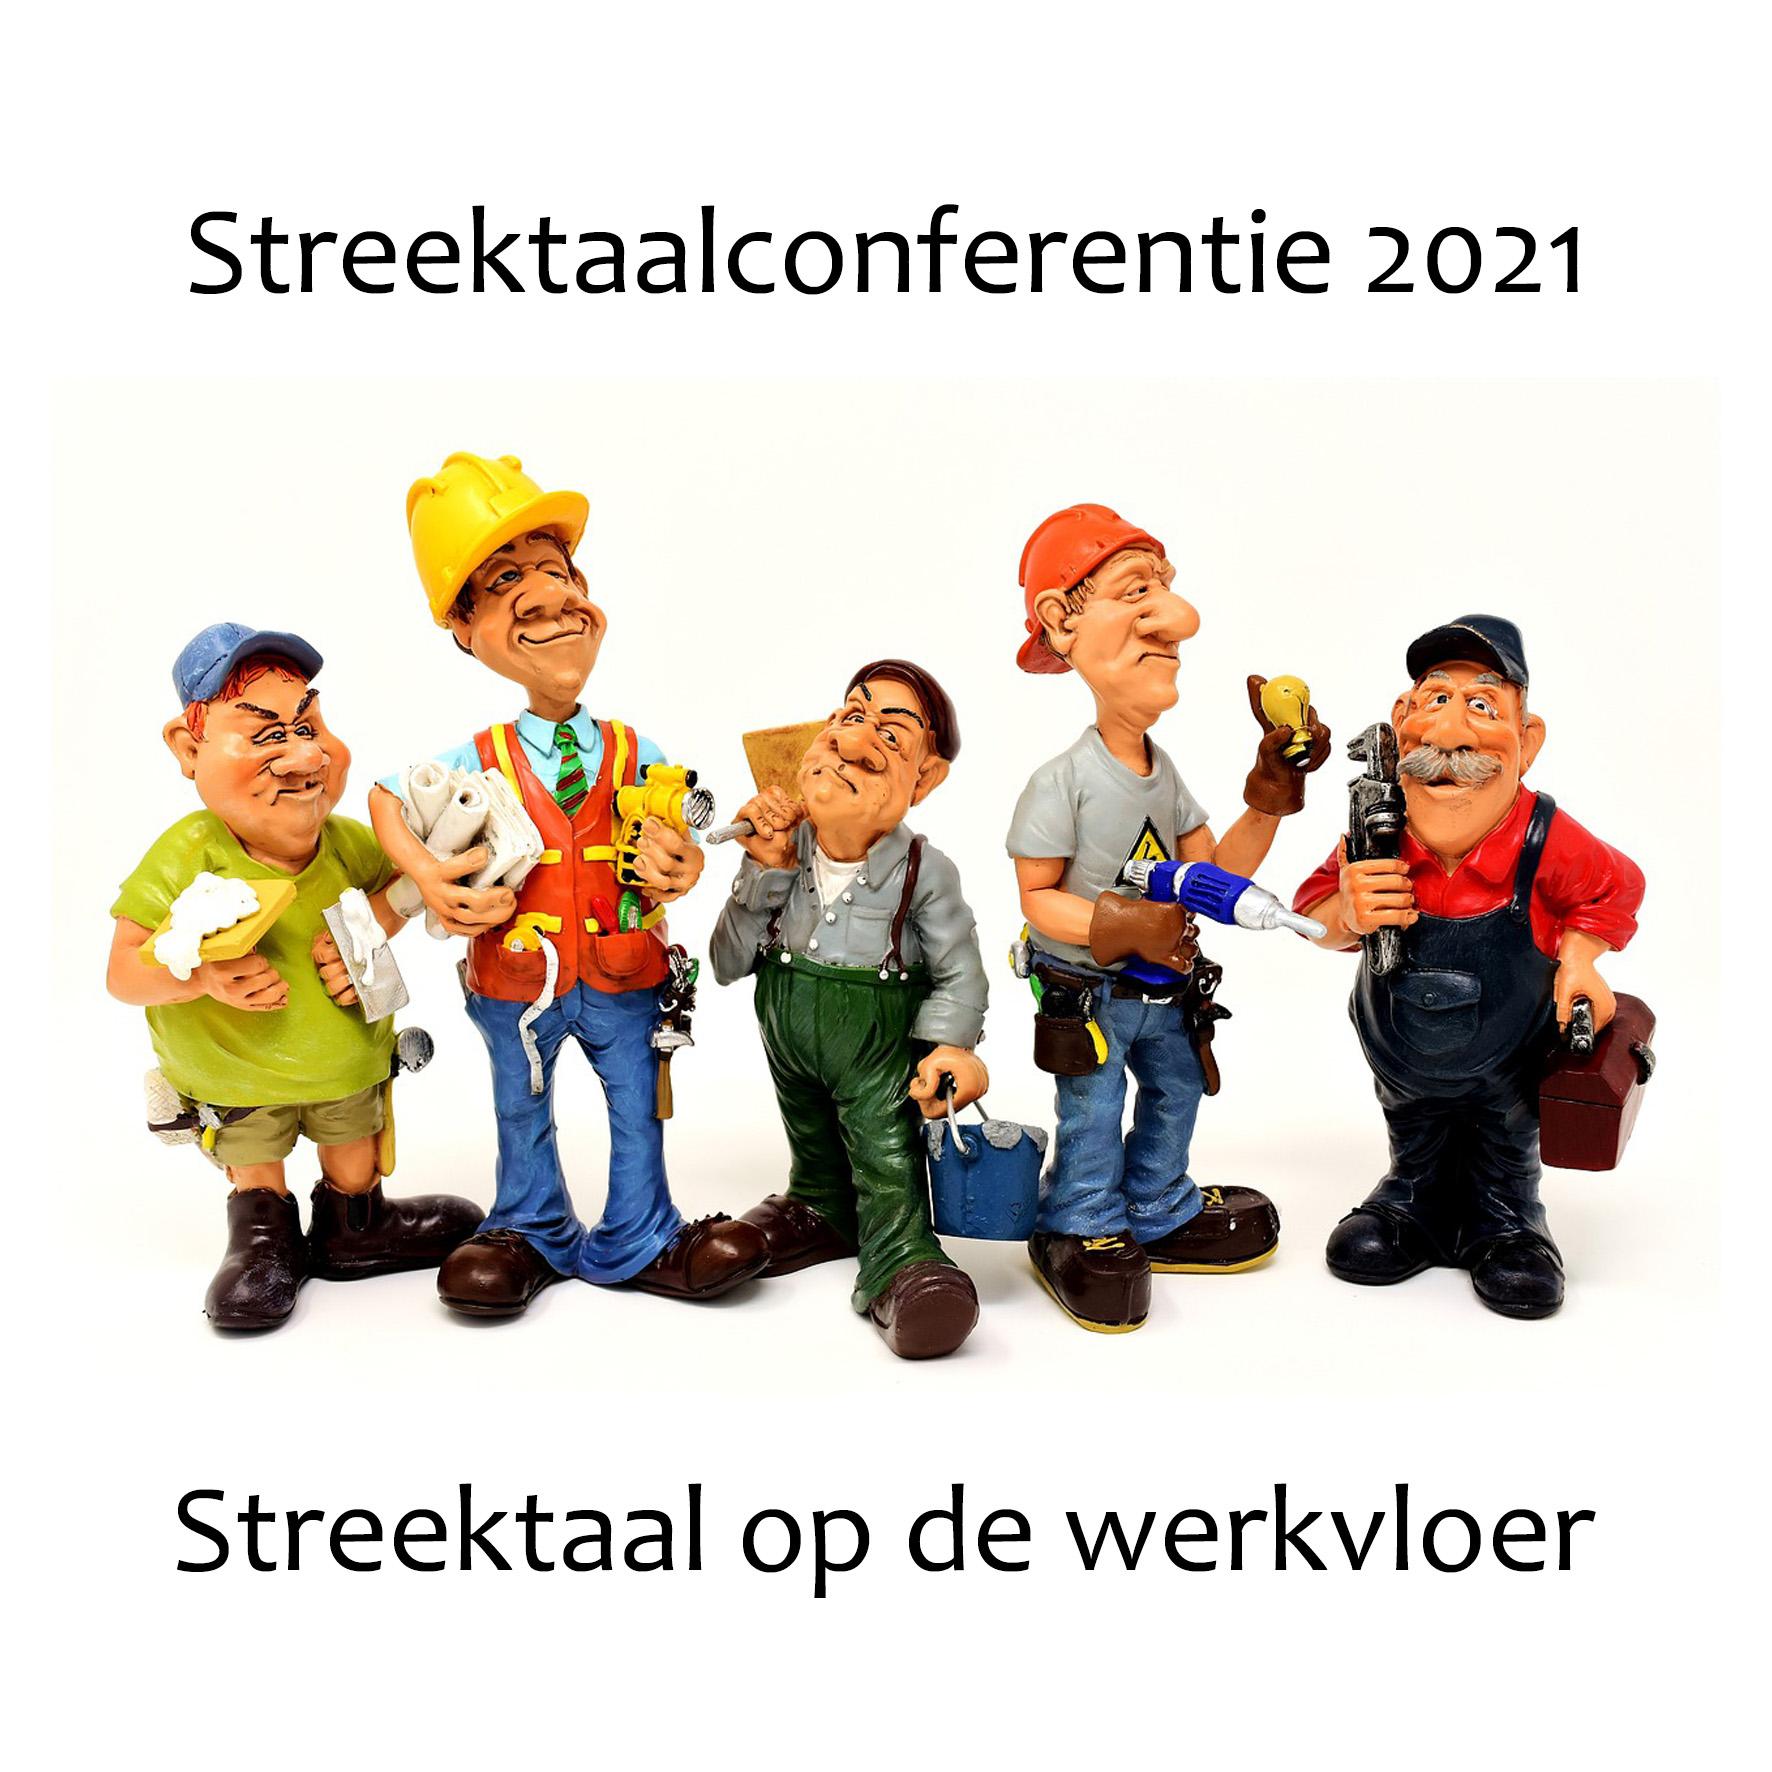 Streektaalconferentie 2021